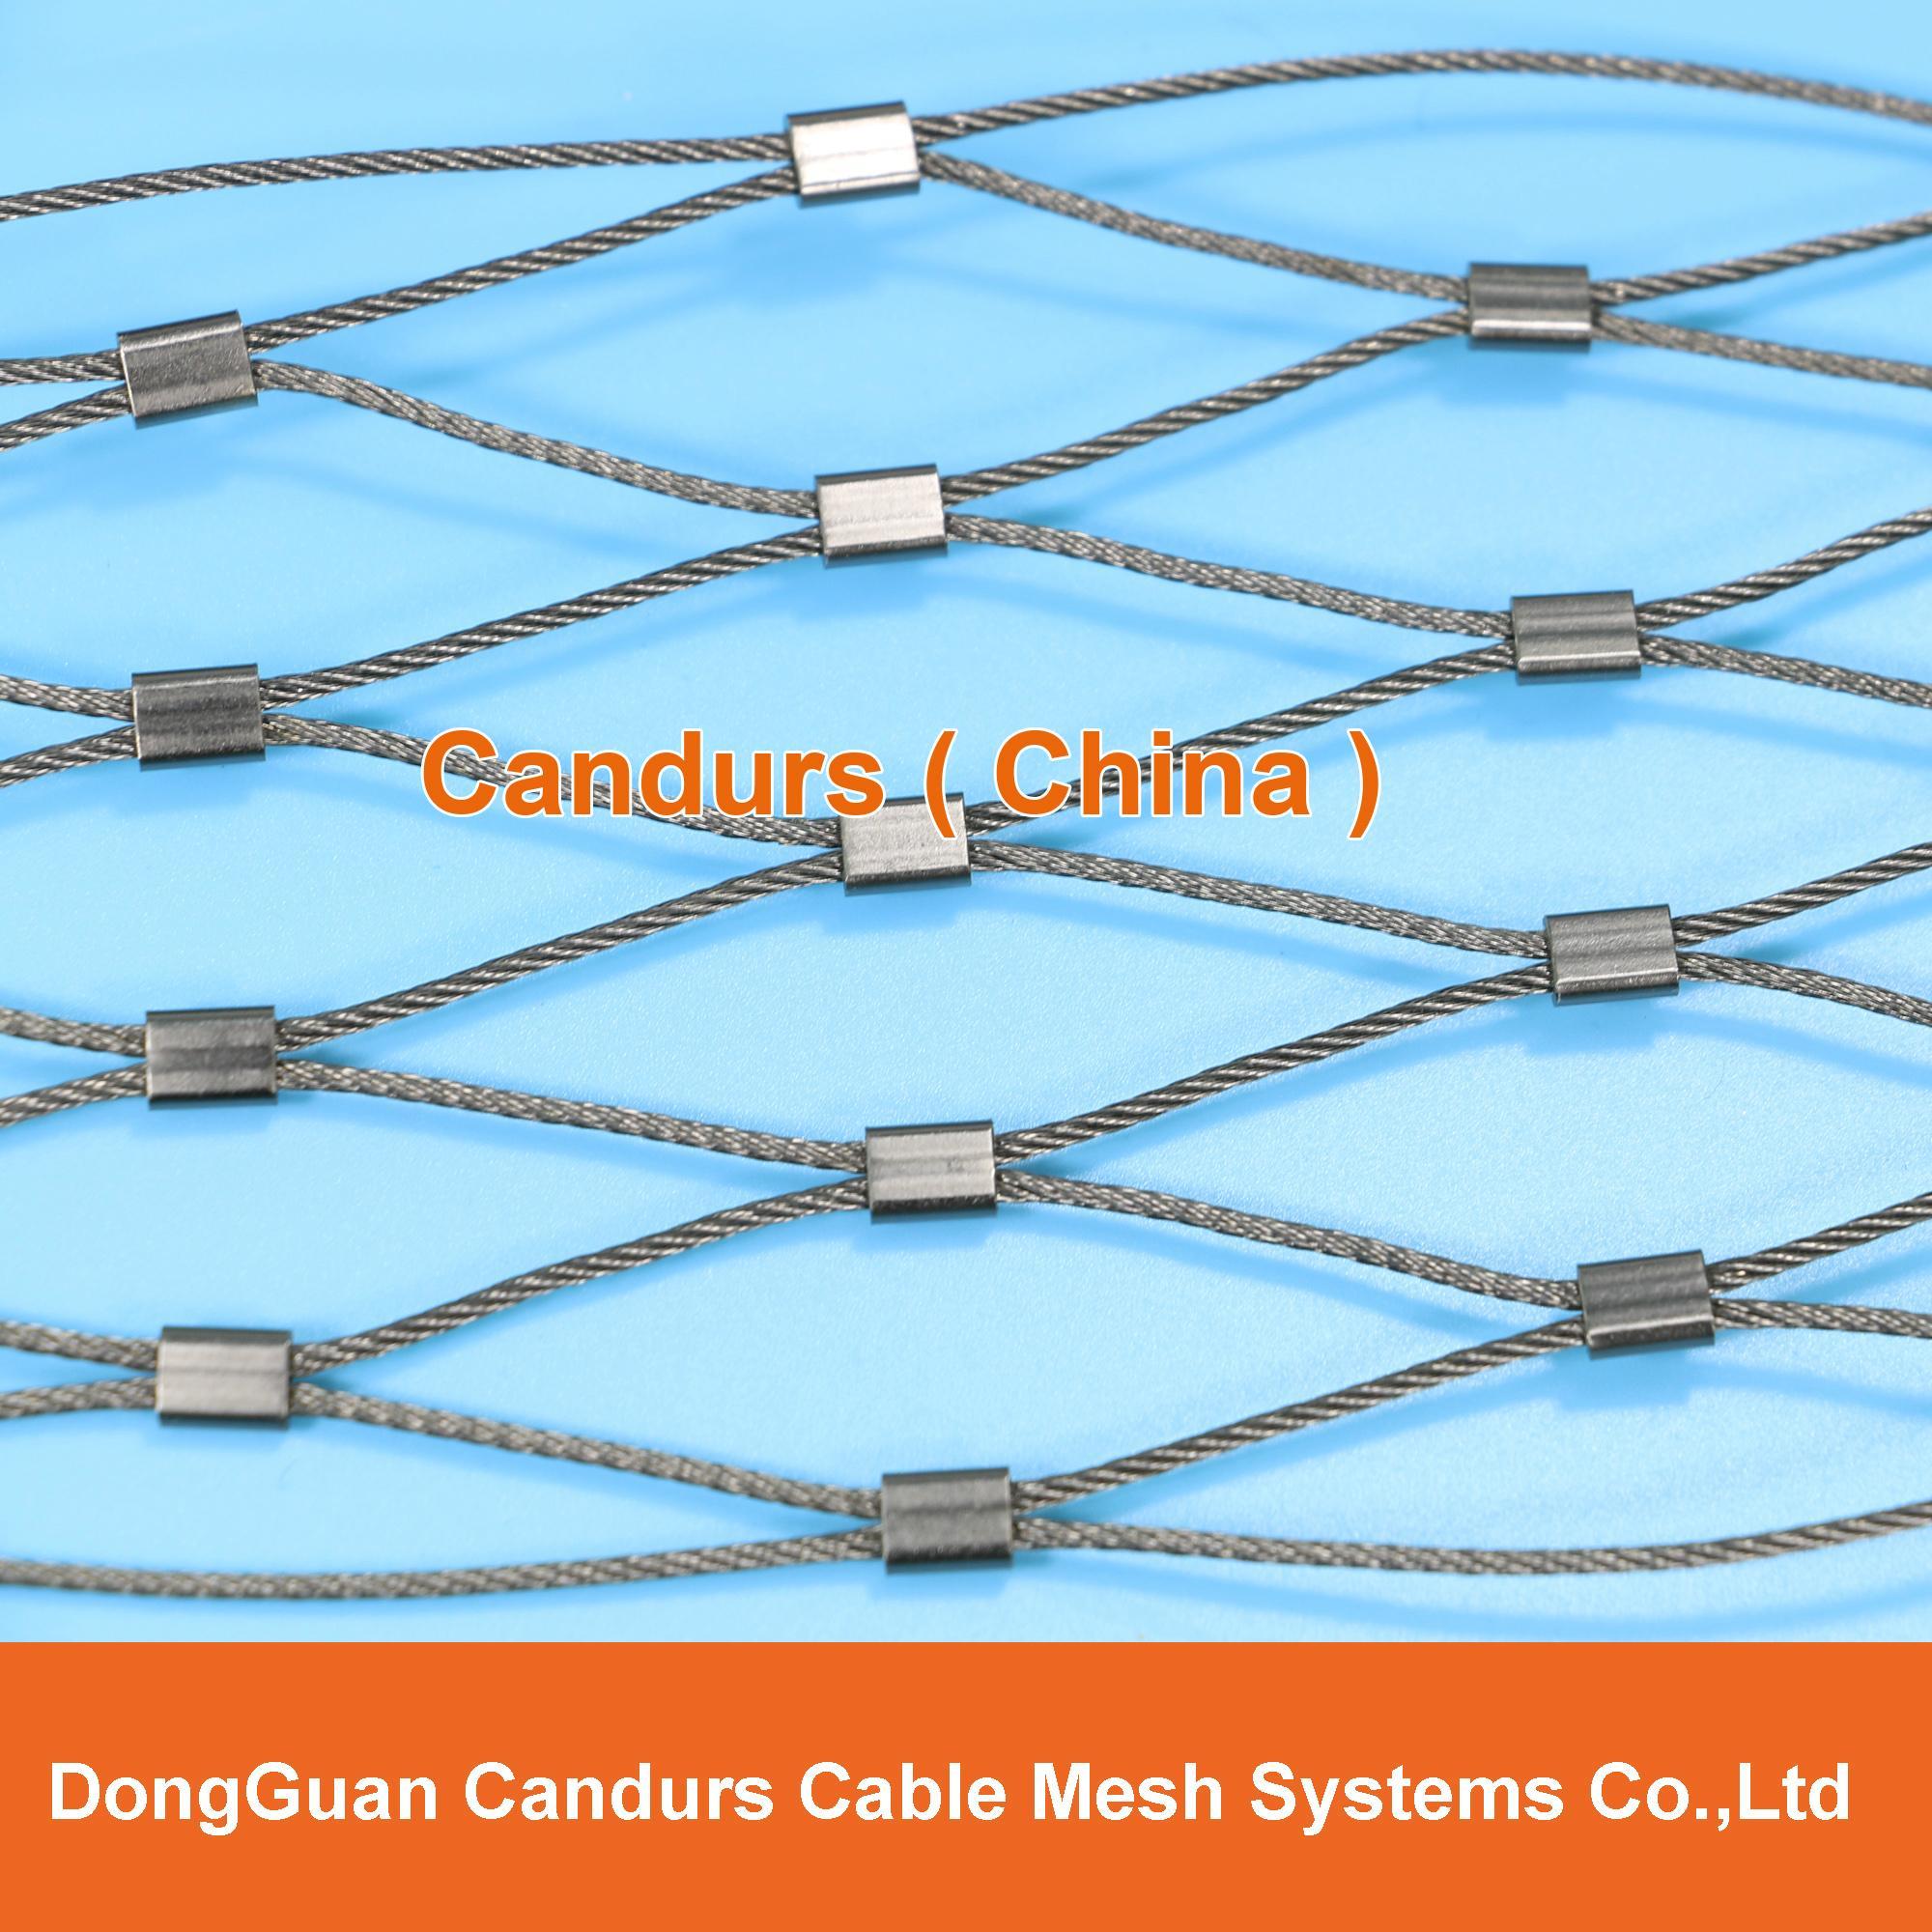 綠植用不鏽鋼繩網 14